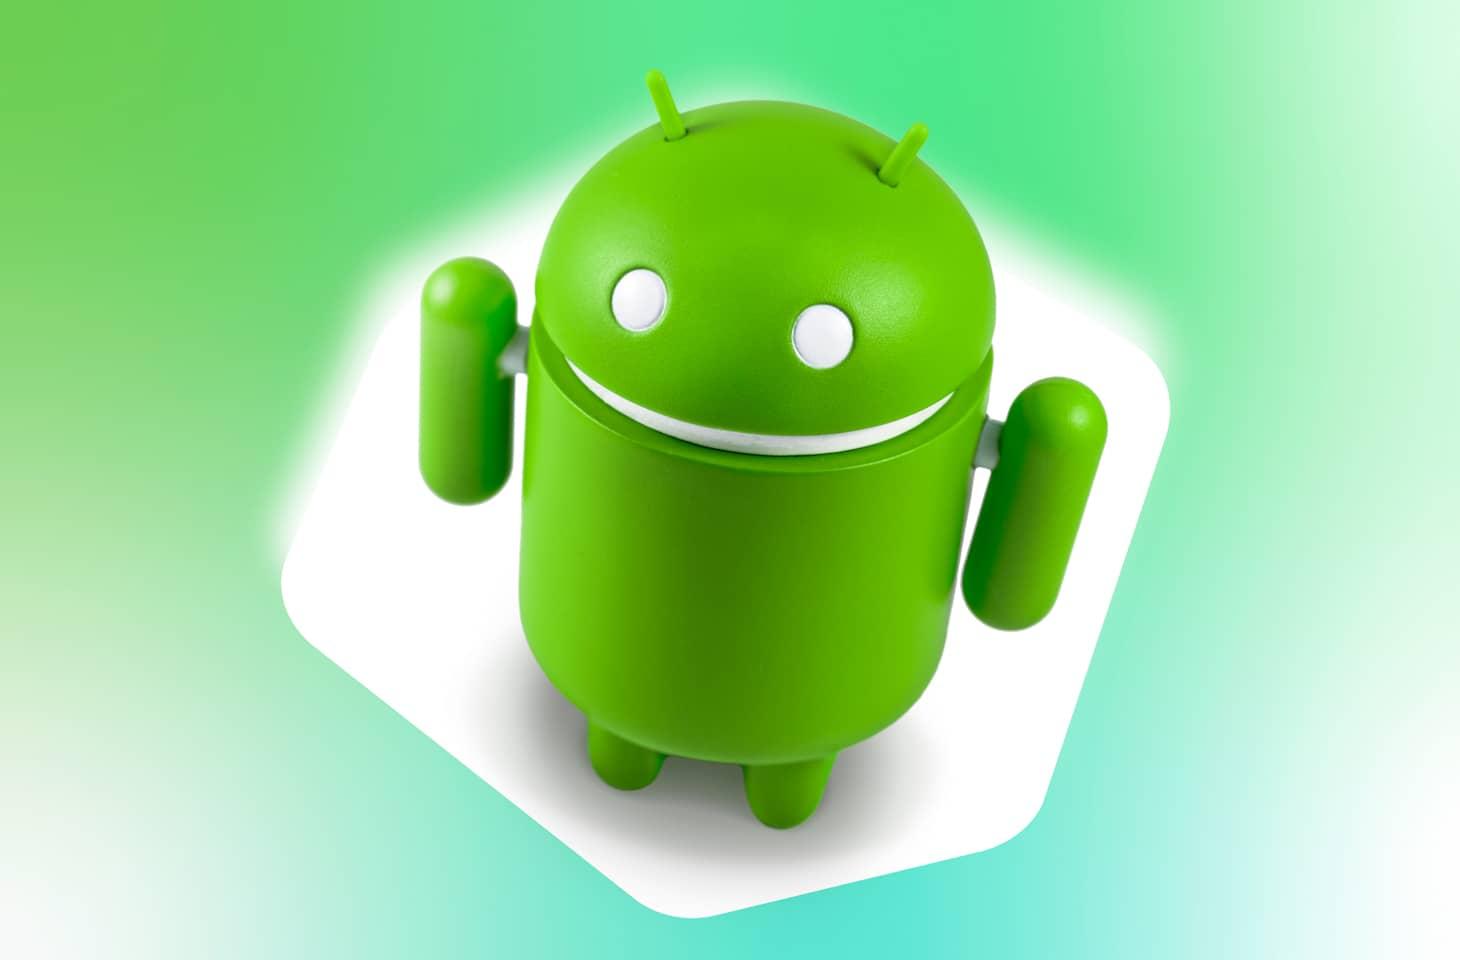 ماذا يعني أندرويد Android ?